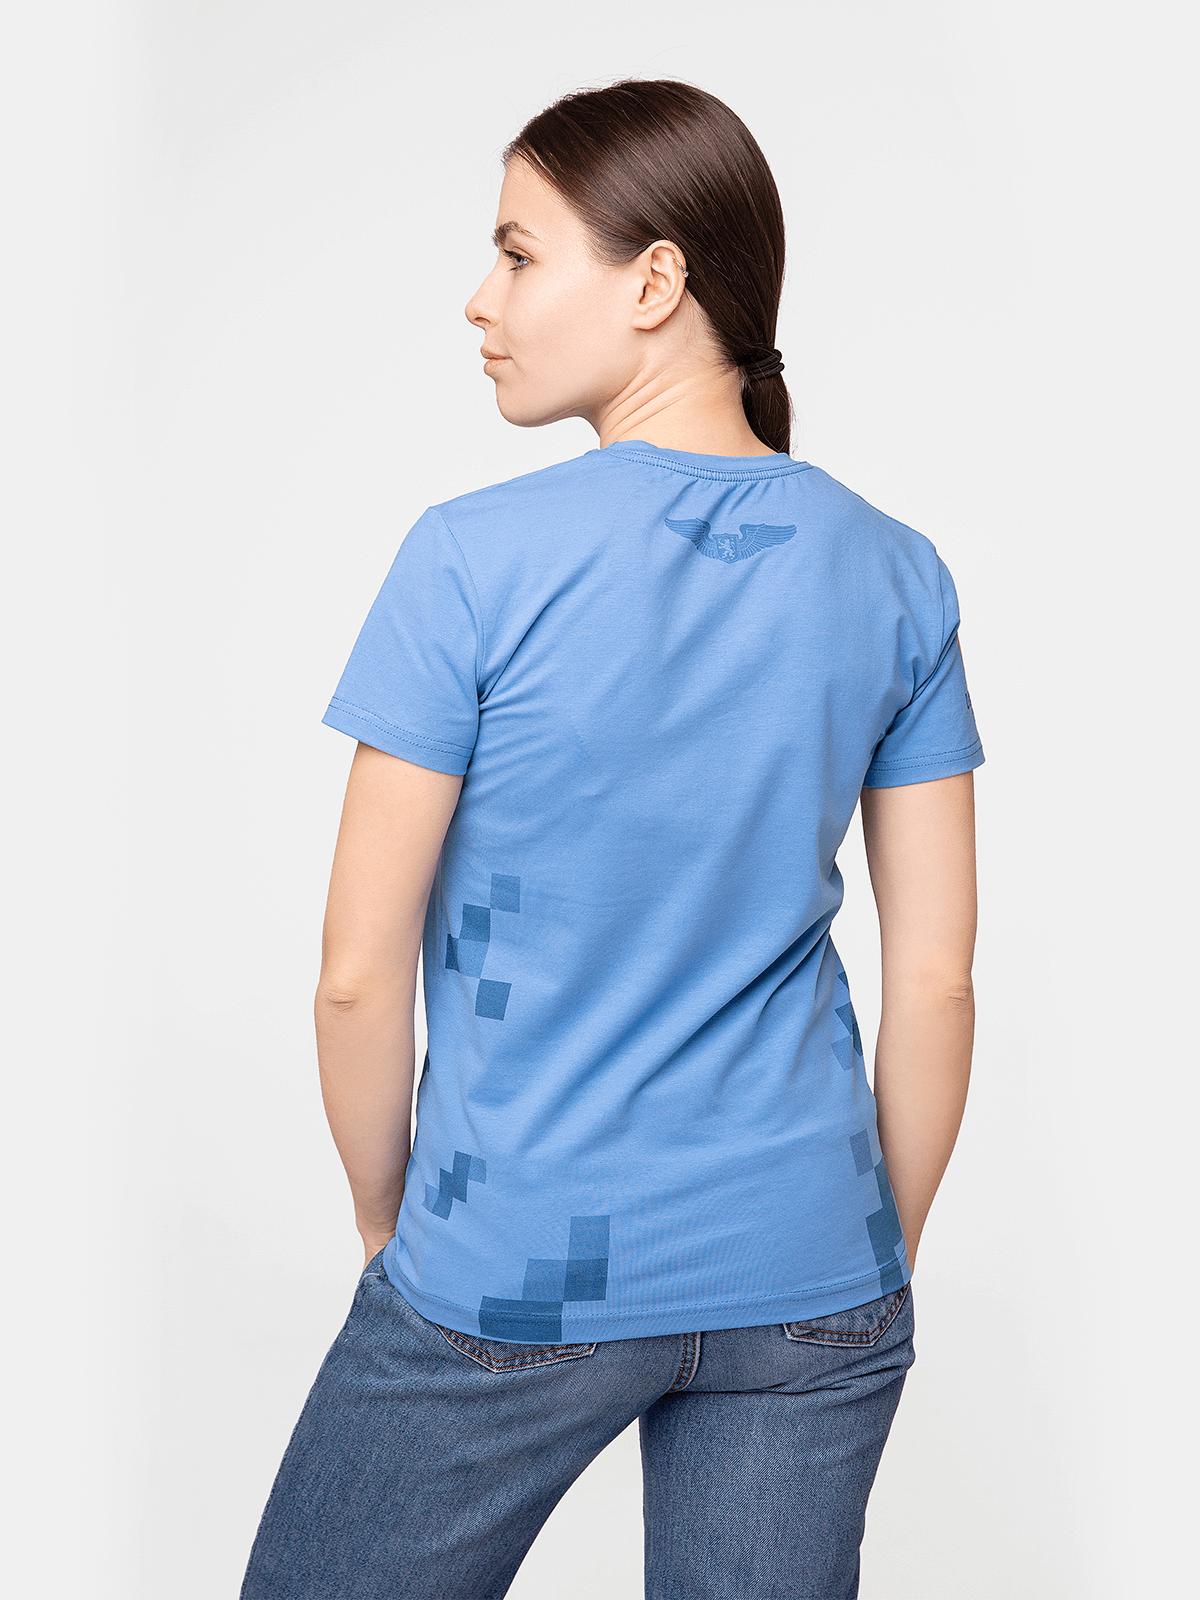 Жіноча Футболка 831 Бригада. Колір блакитний.  Матеріал: 95% бавовна, 5% спандекс.